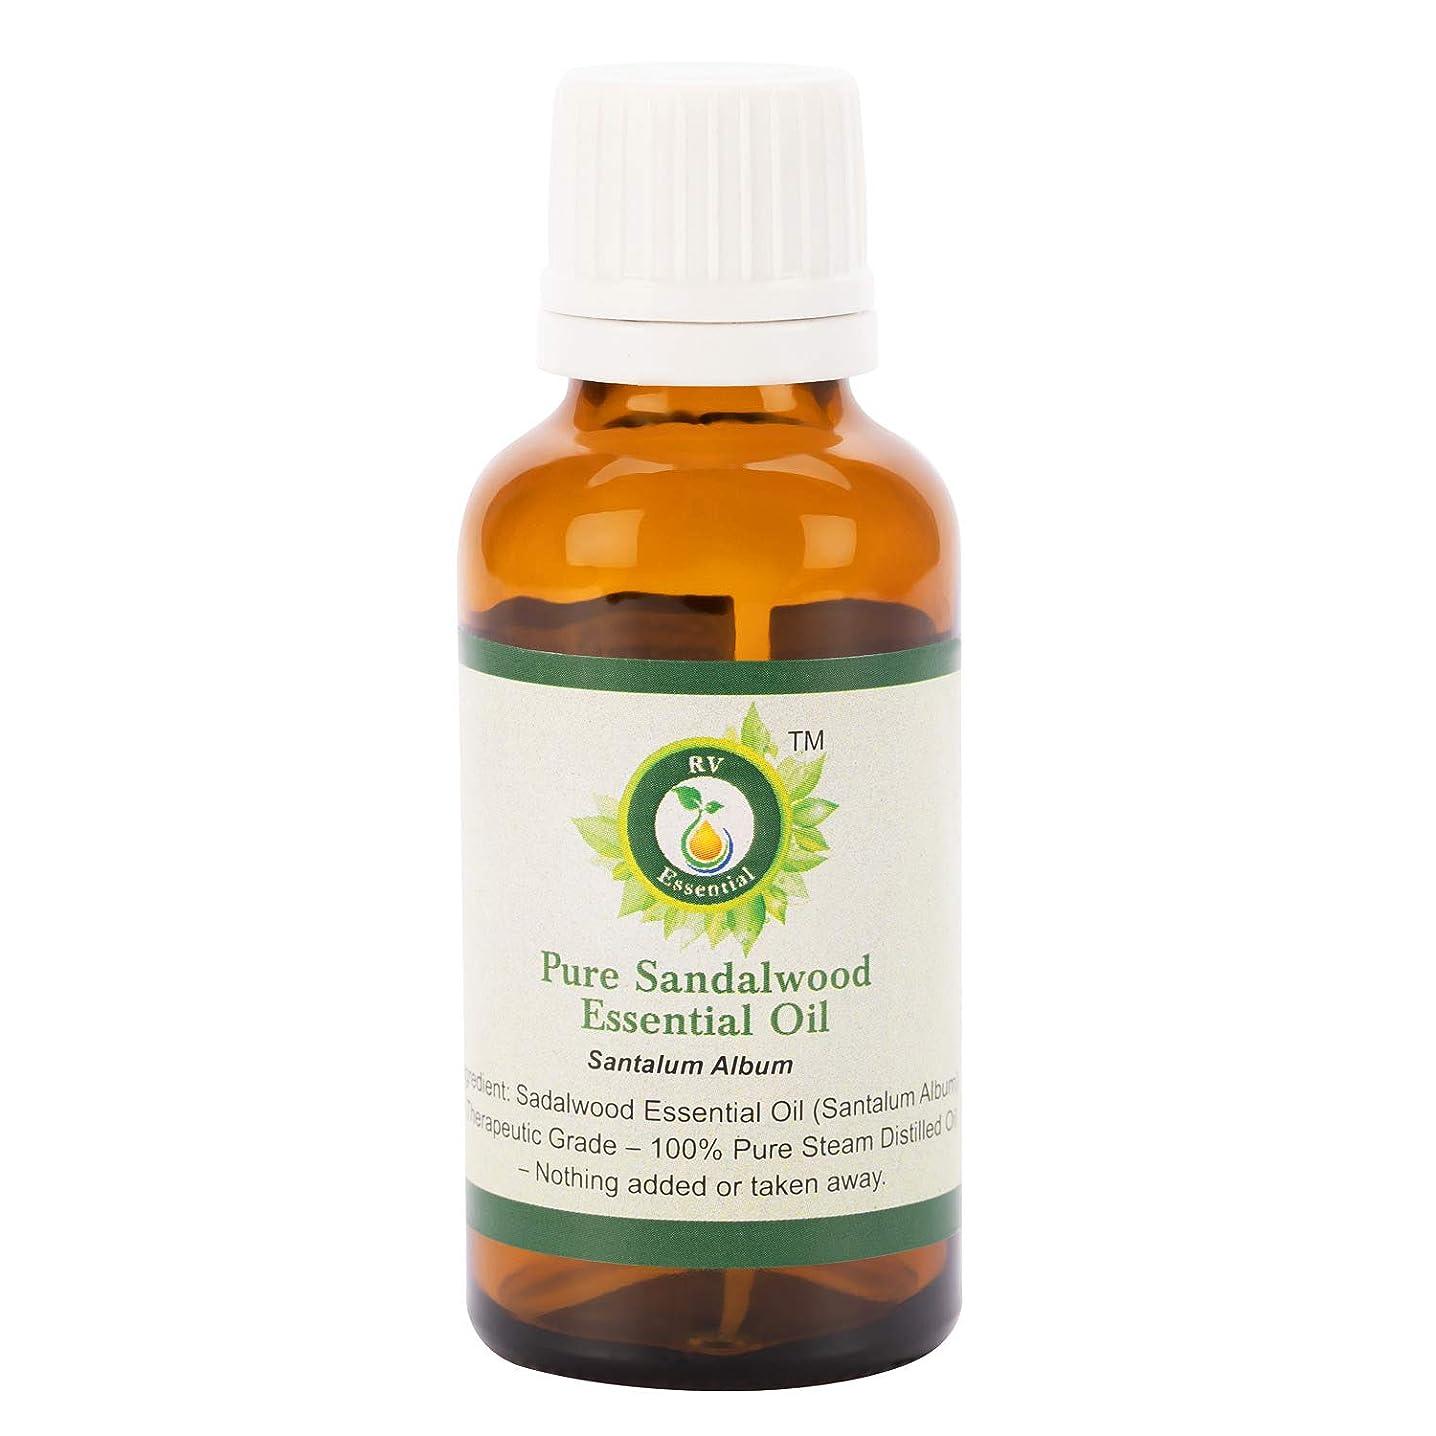 不利おびえた豊富ピュアサンダルウッドエッセンシャルオイル100ml (3.38oz)- Santalum Album (100%純粋&天然スチームDistilled) Pure Sandalwood Essential Oil